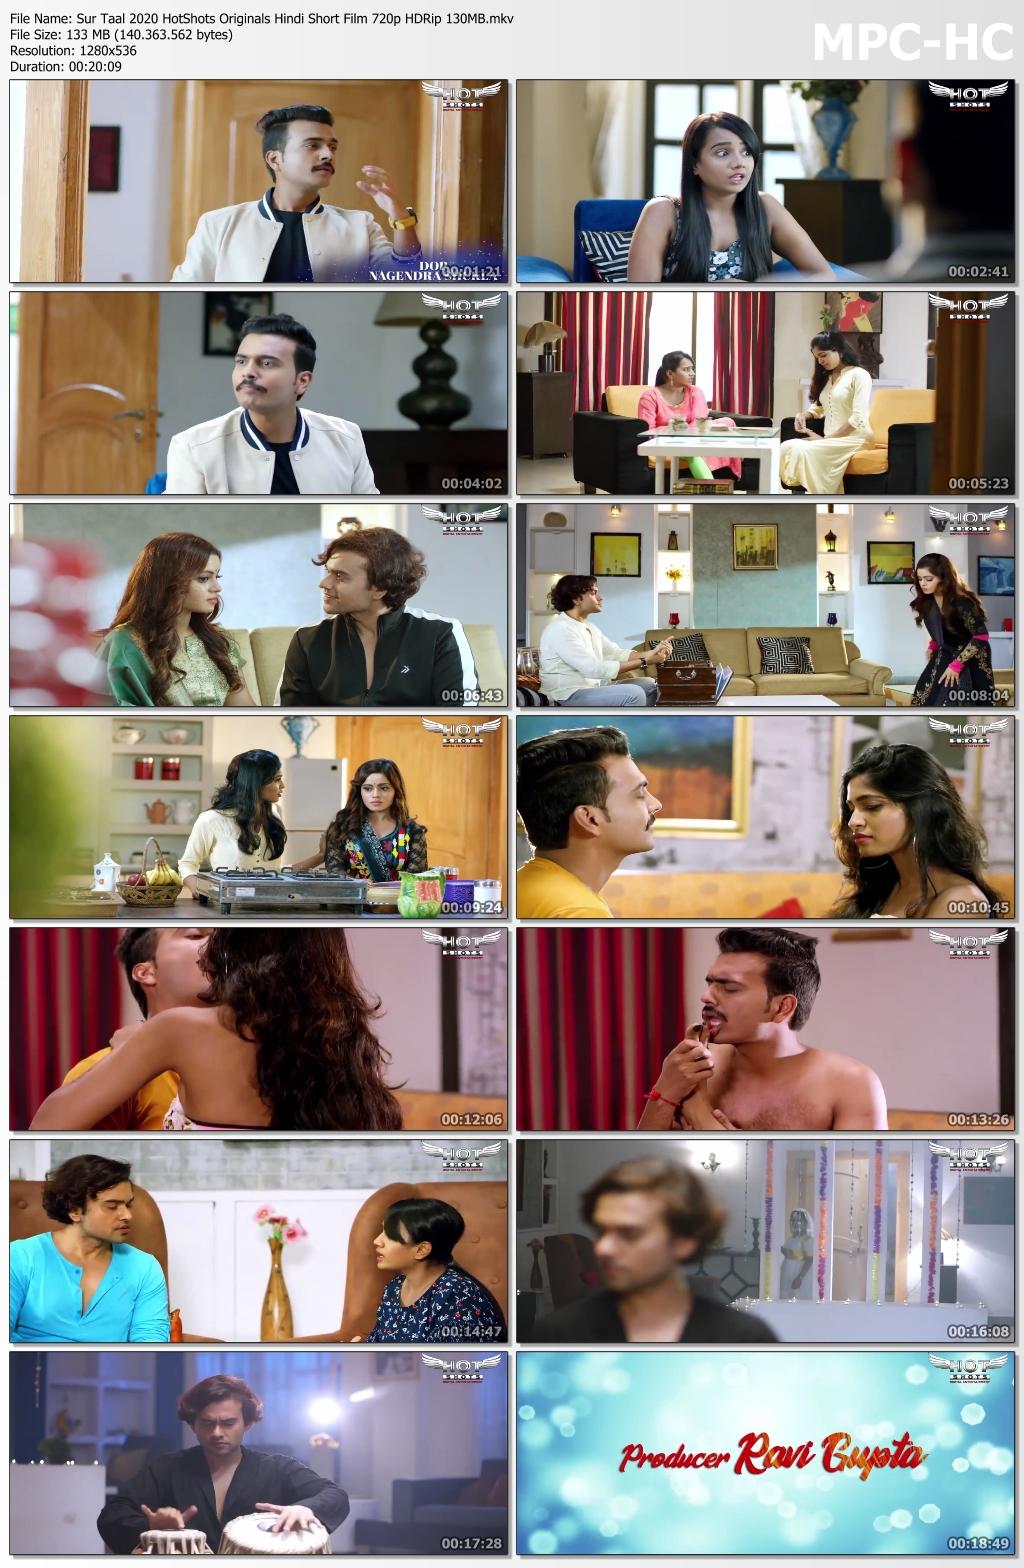 Sur-Taal-2020-Hot-Shots-Originals-Hindi-Short-Film-720p-HDRip-130-MB-mkv-thumbs